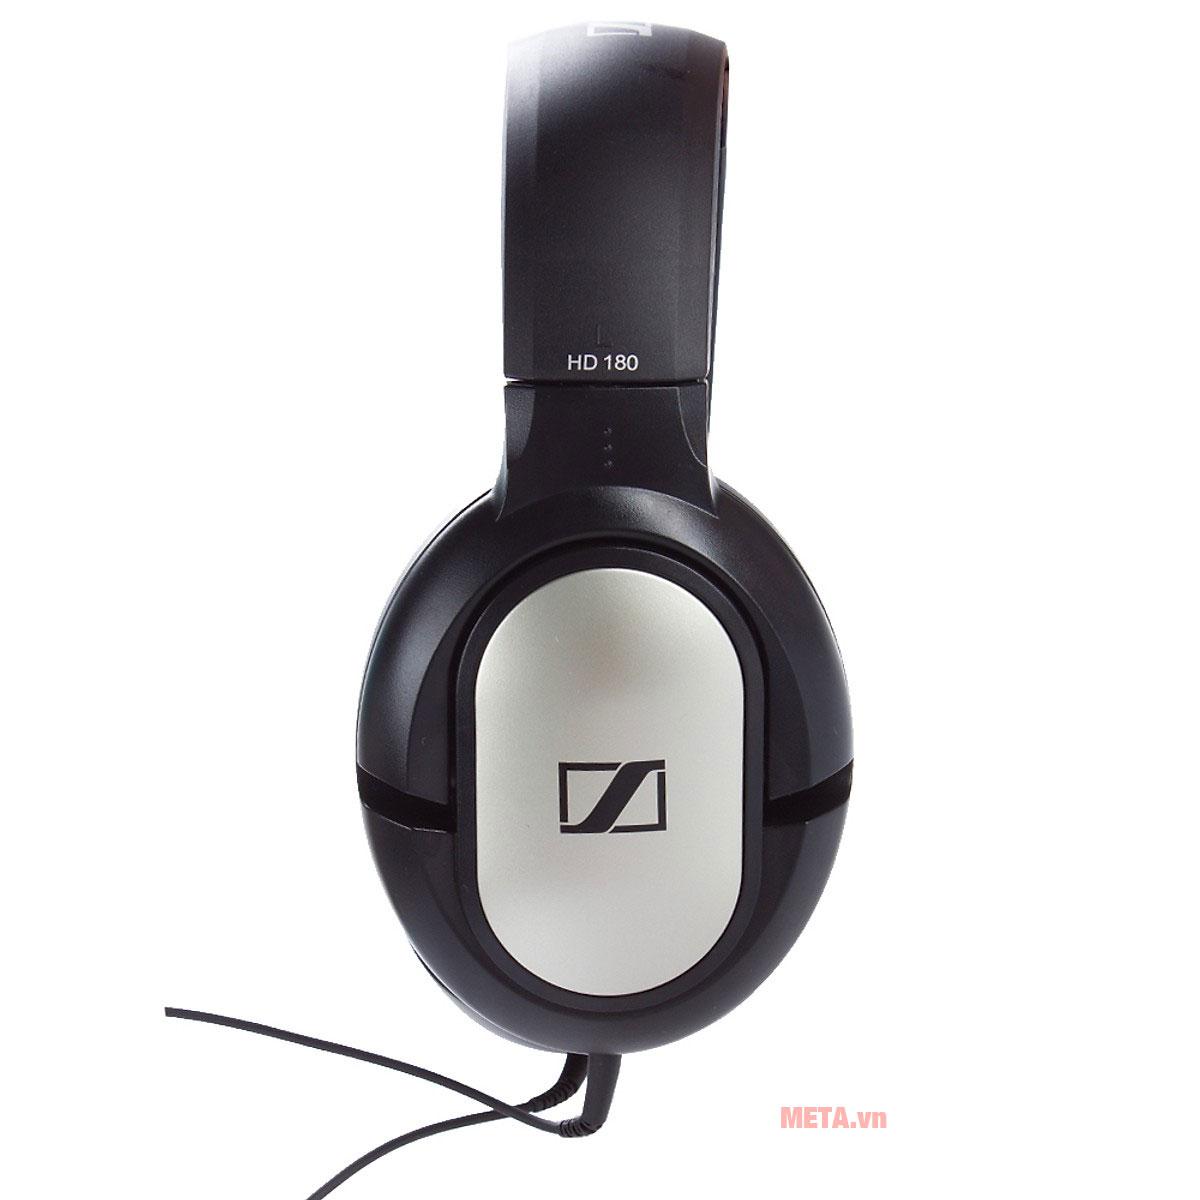 Tai nghe Sennheiser HD 180 thời trang, năng động